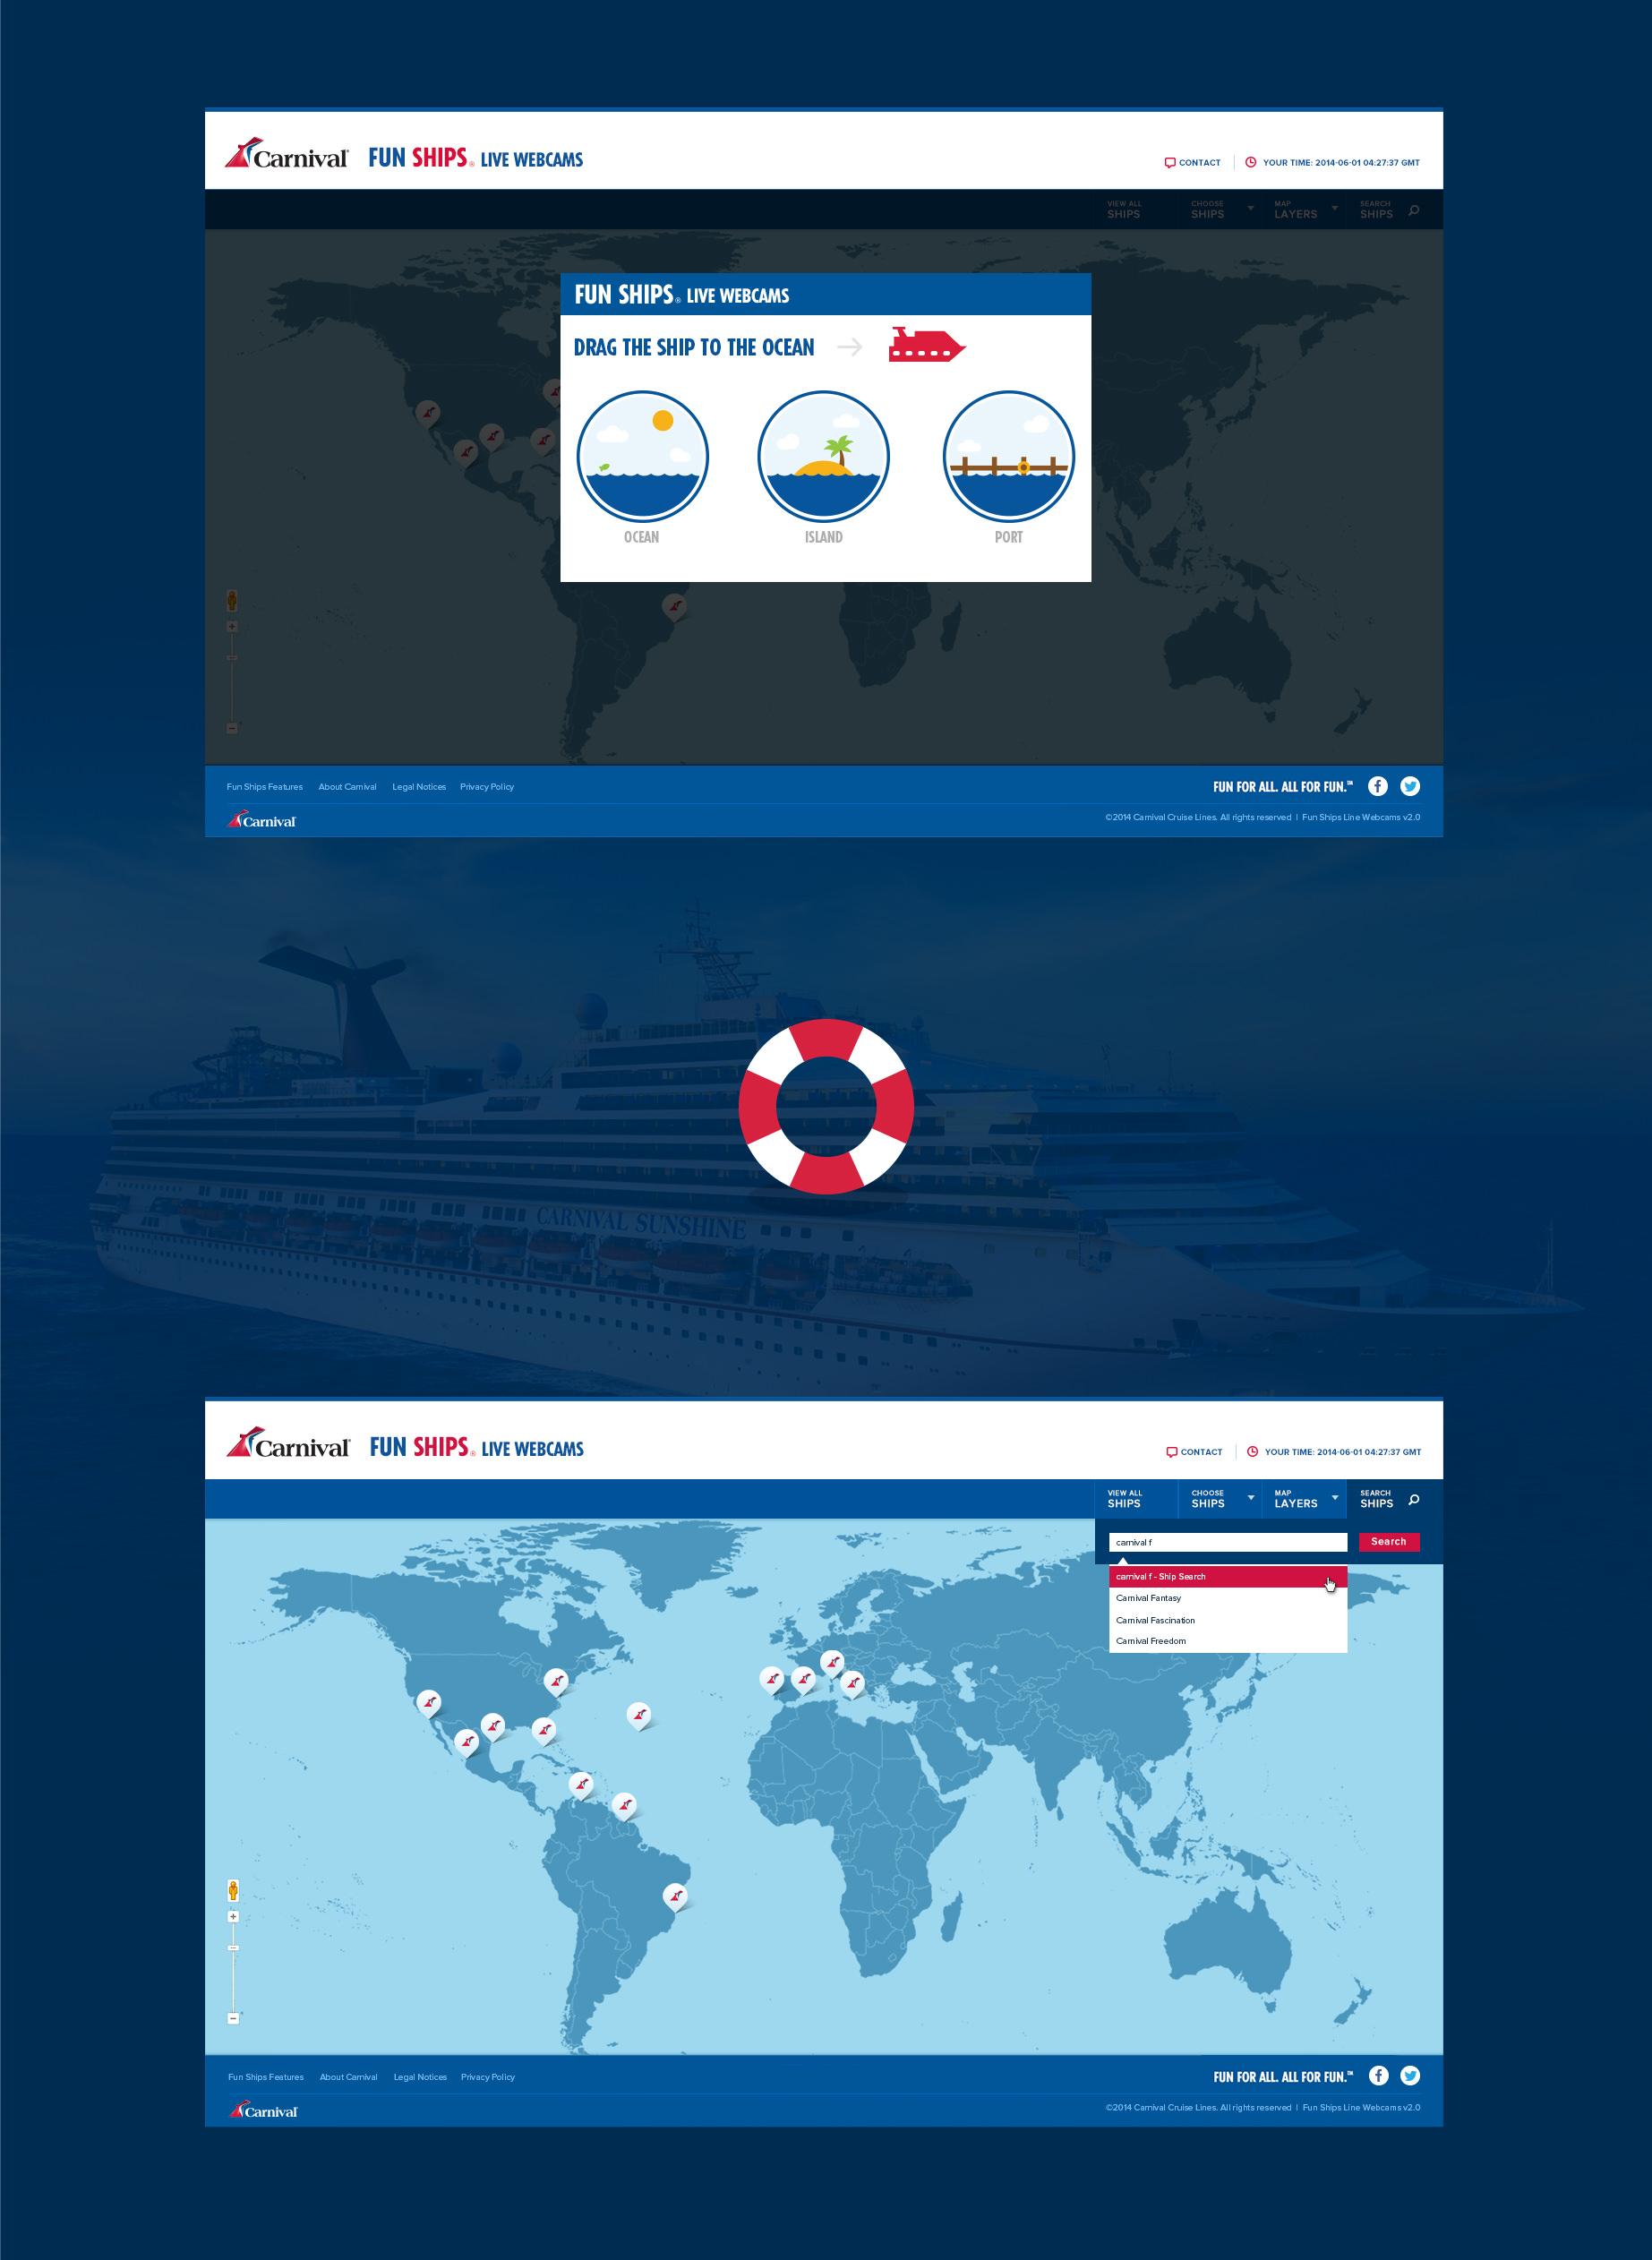 Carnival Fun Ships Website Design Agency - Cruise ship live webcams